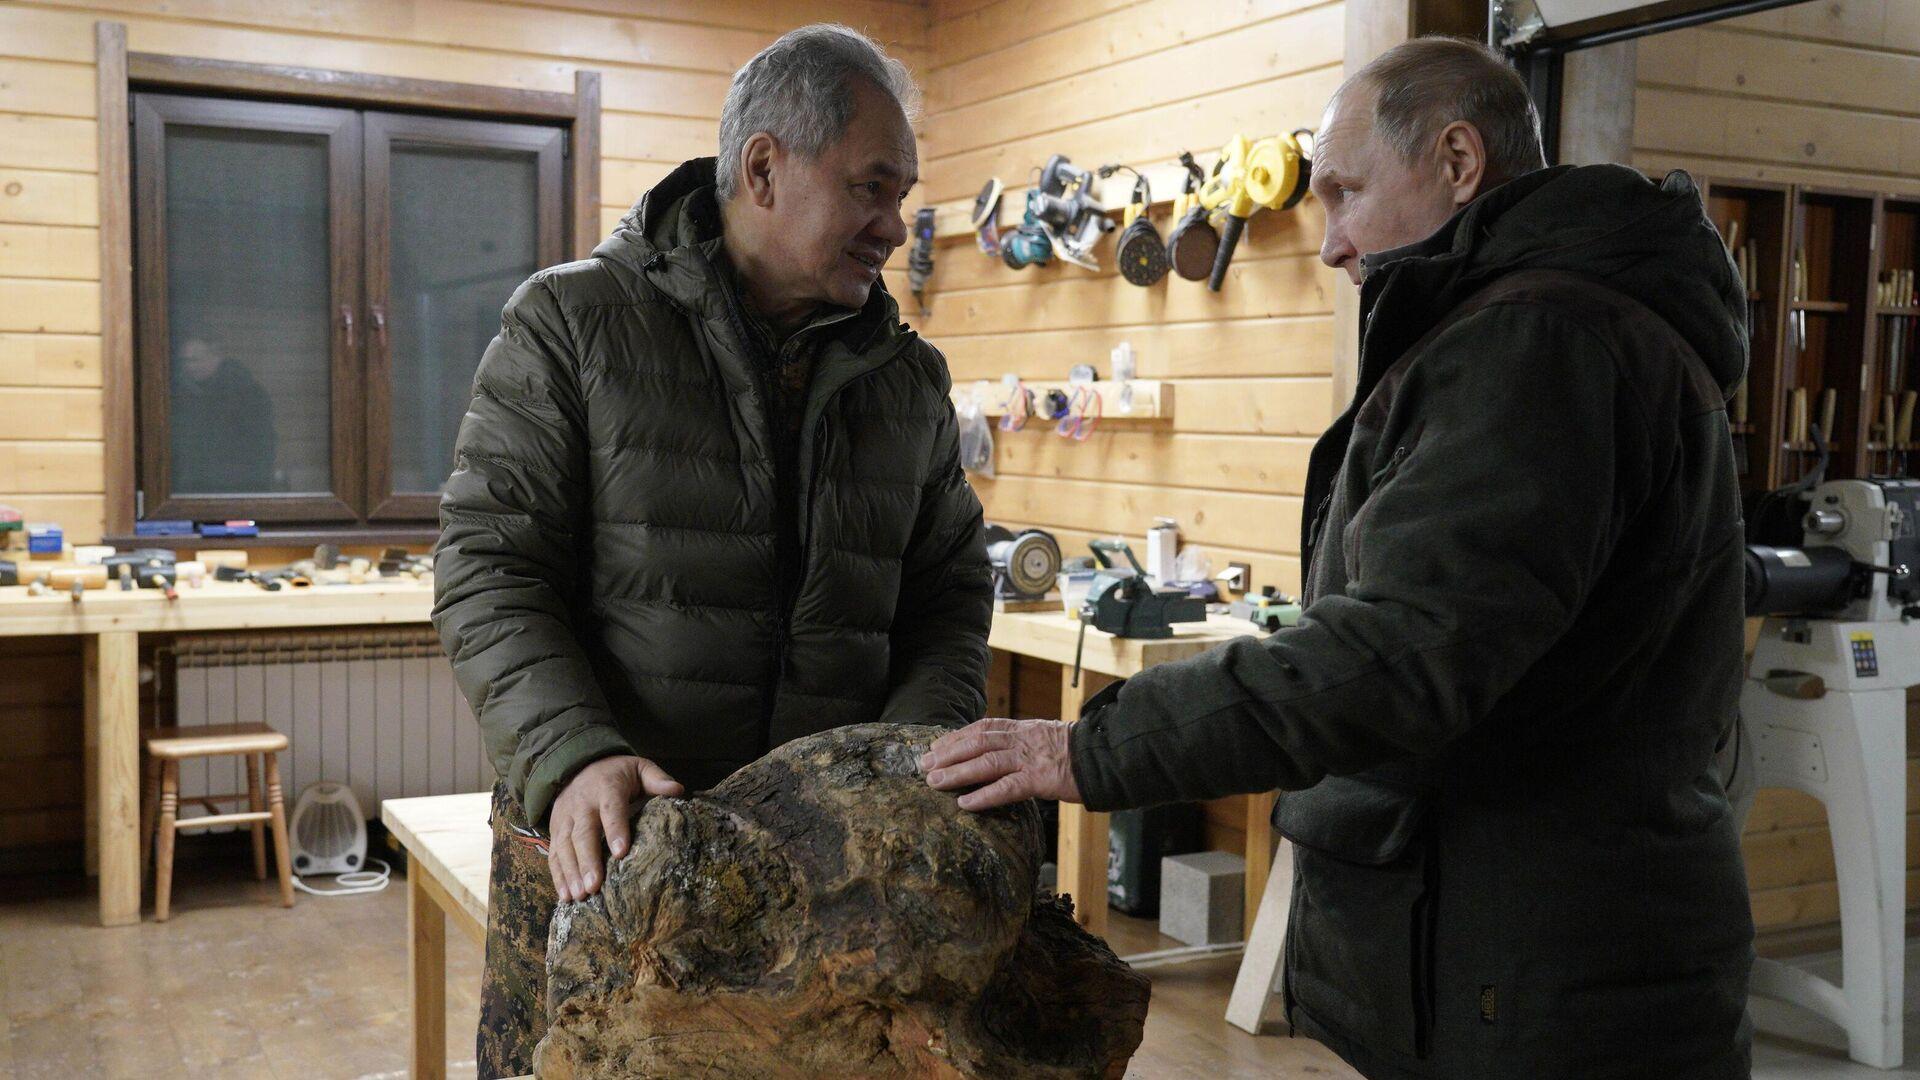 El ministro de Defensa ruso, Serguéi Shoigú, y el presidente de Rusia, Vladímir Putin, descansando en la taiga, el 21 de marzo de 2021 - Sputnik Mundo, 1920, 21.03.2021